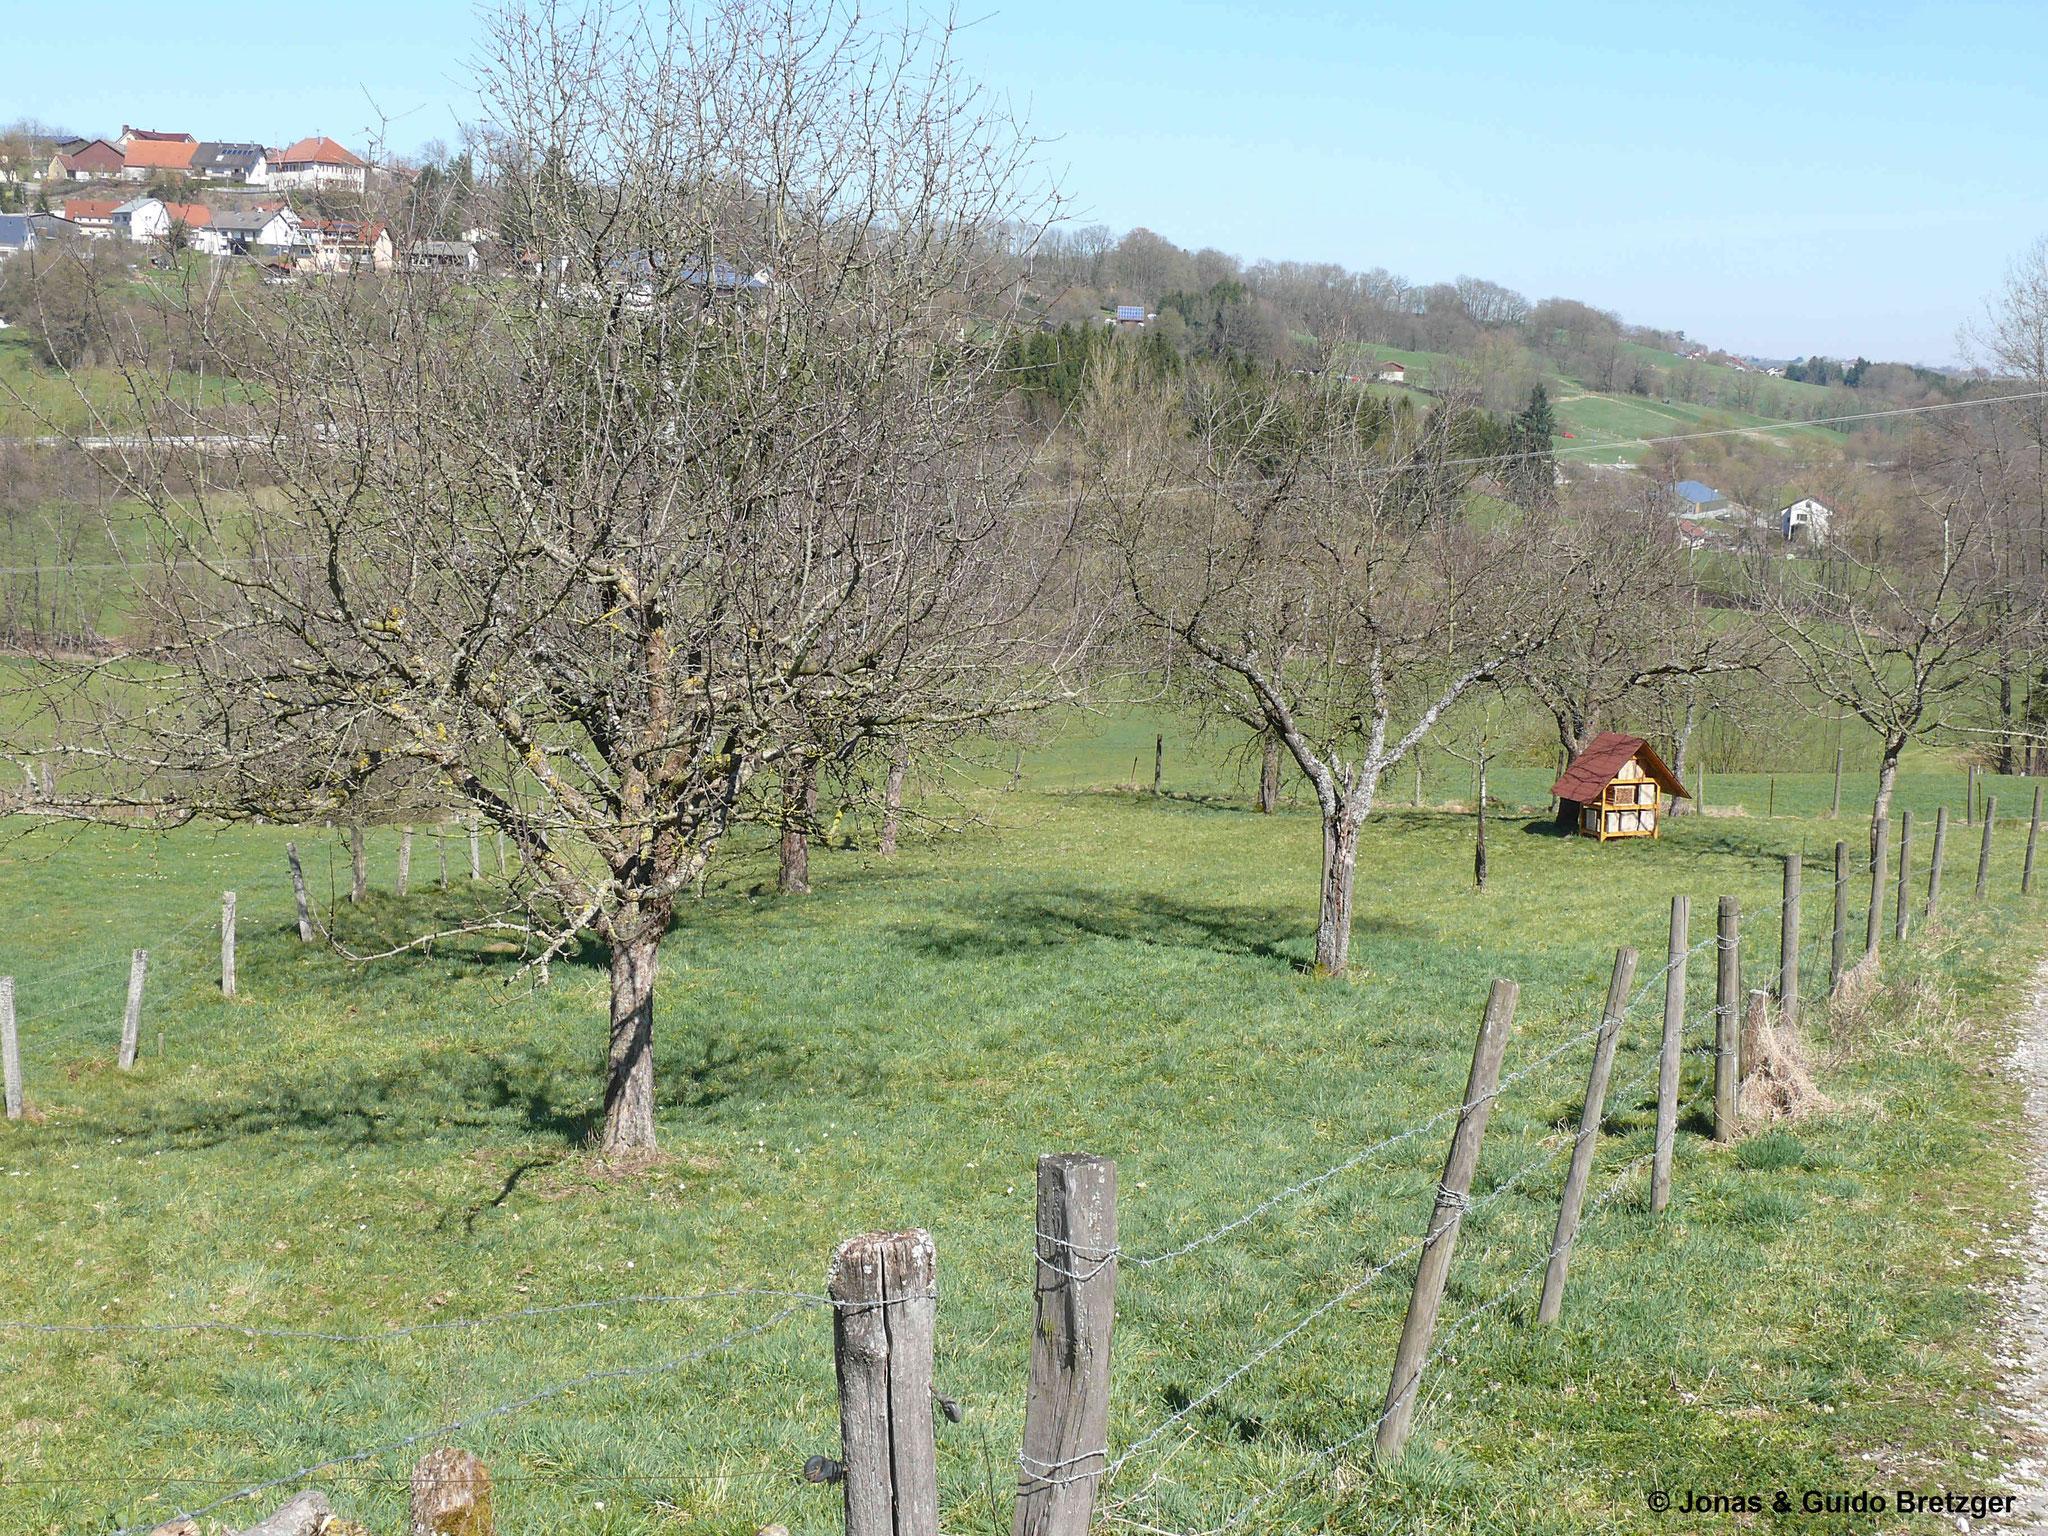 Obstabaumgarten im Frühjahr